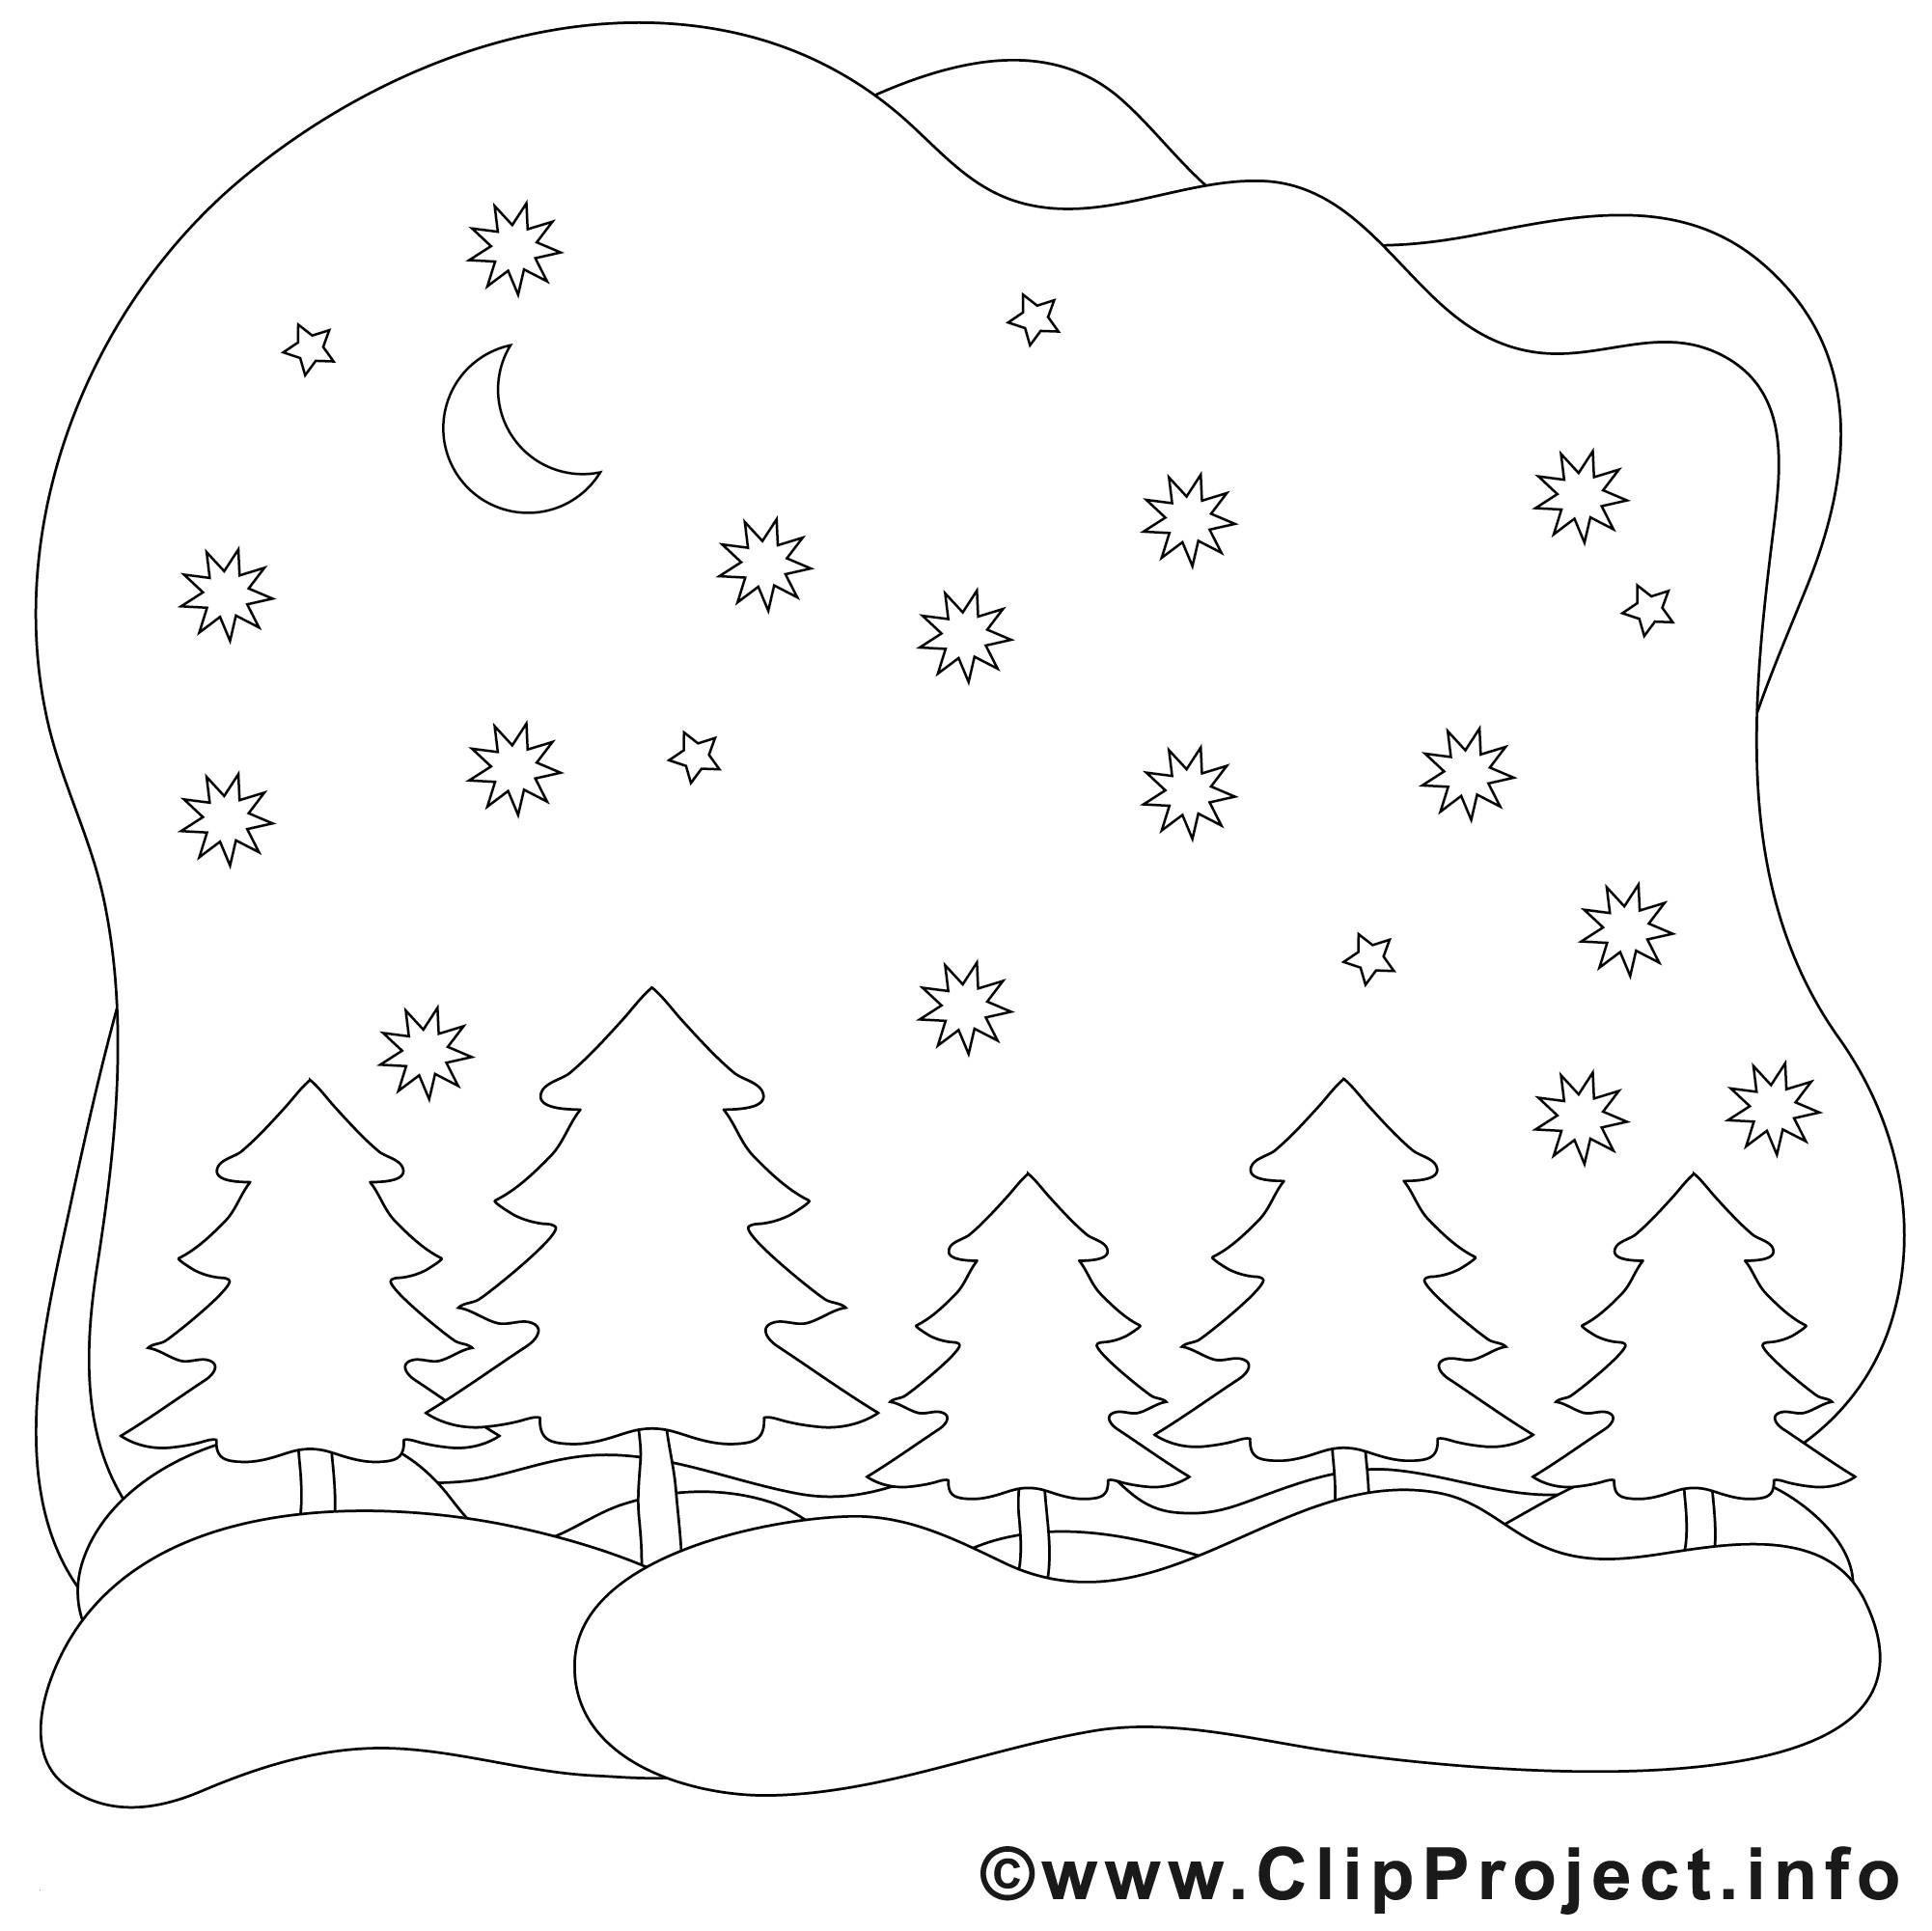 Ausmalbilder Advent Weihnachten Kostenlos Genial Ausmalbilder Info Frisch Bessere Aufstiege Malvorlagen Bild